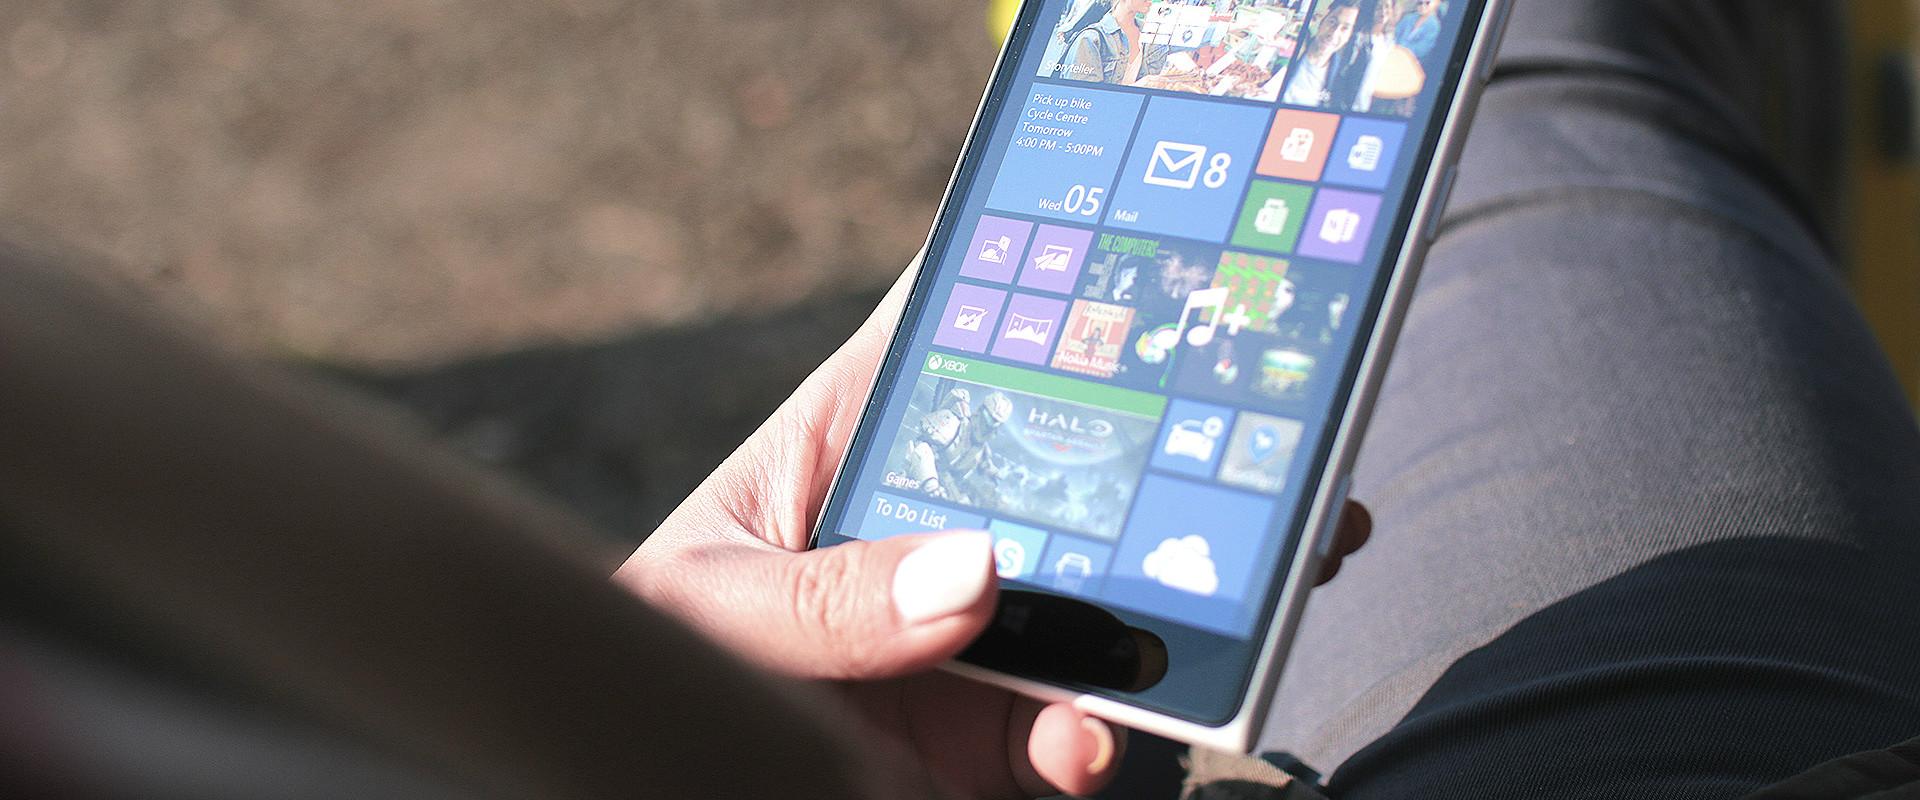 Digitaler Wandel: 4 Gründe, warum digital nicht immer gut ist …